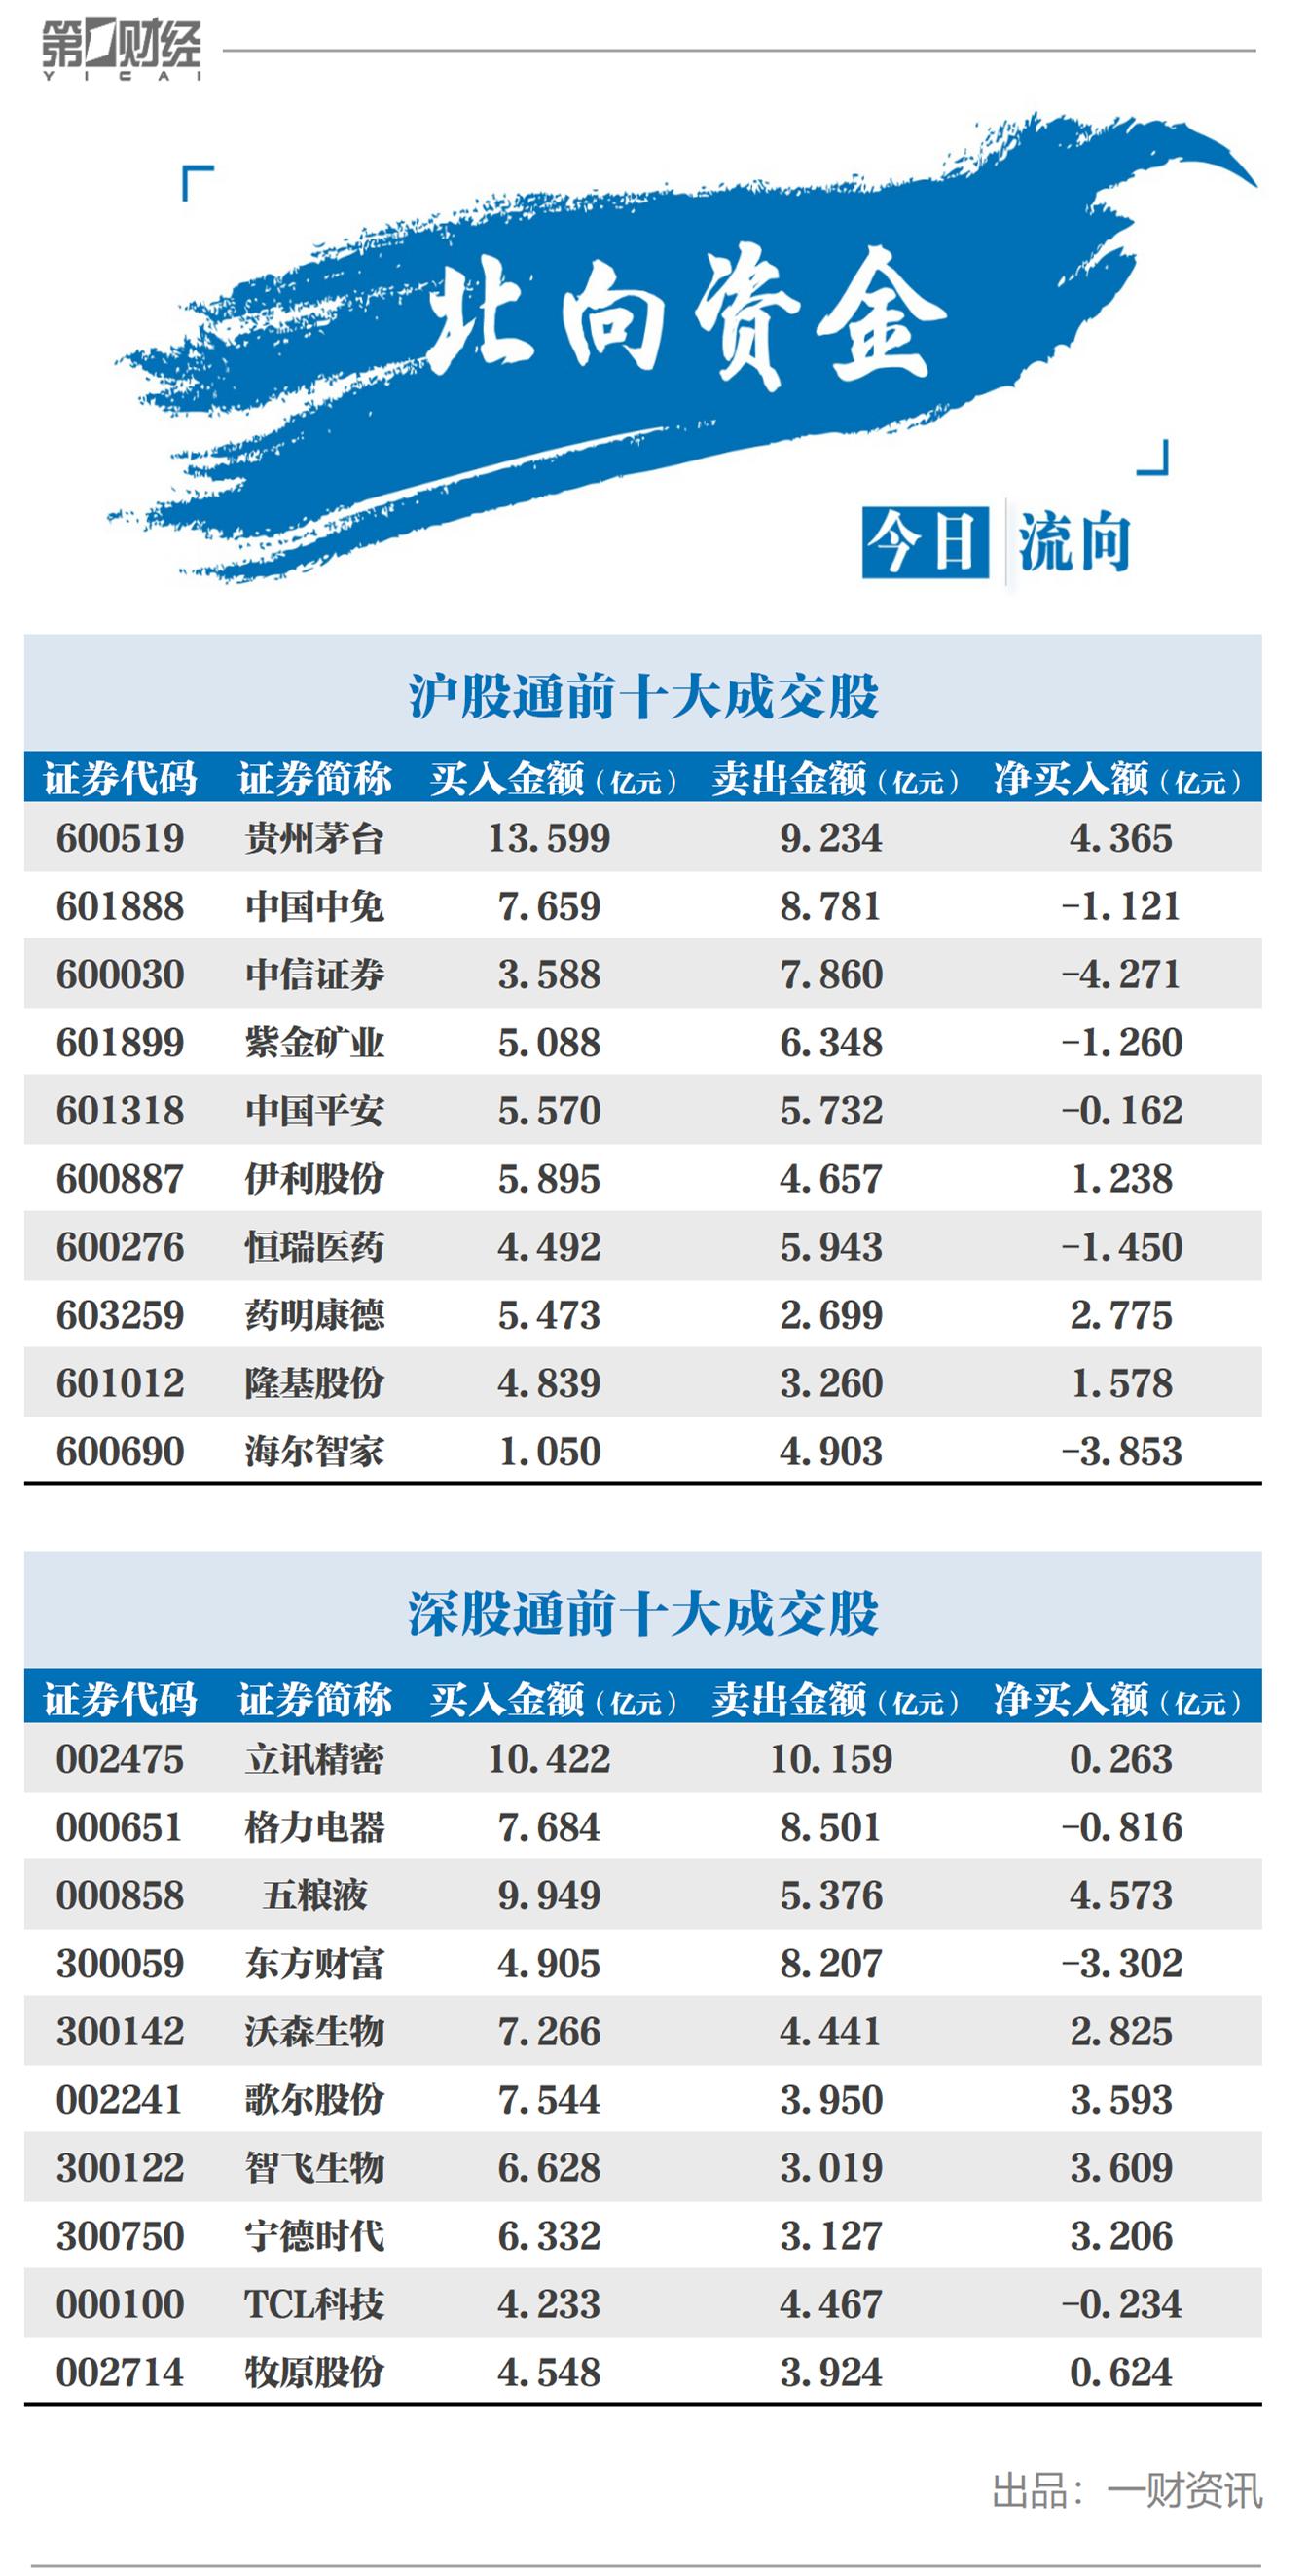 北向资金净流出18.62亿元,净卖出中信证券4.27亿元